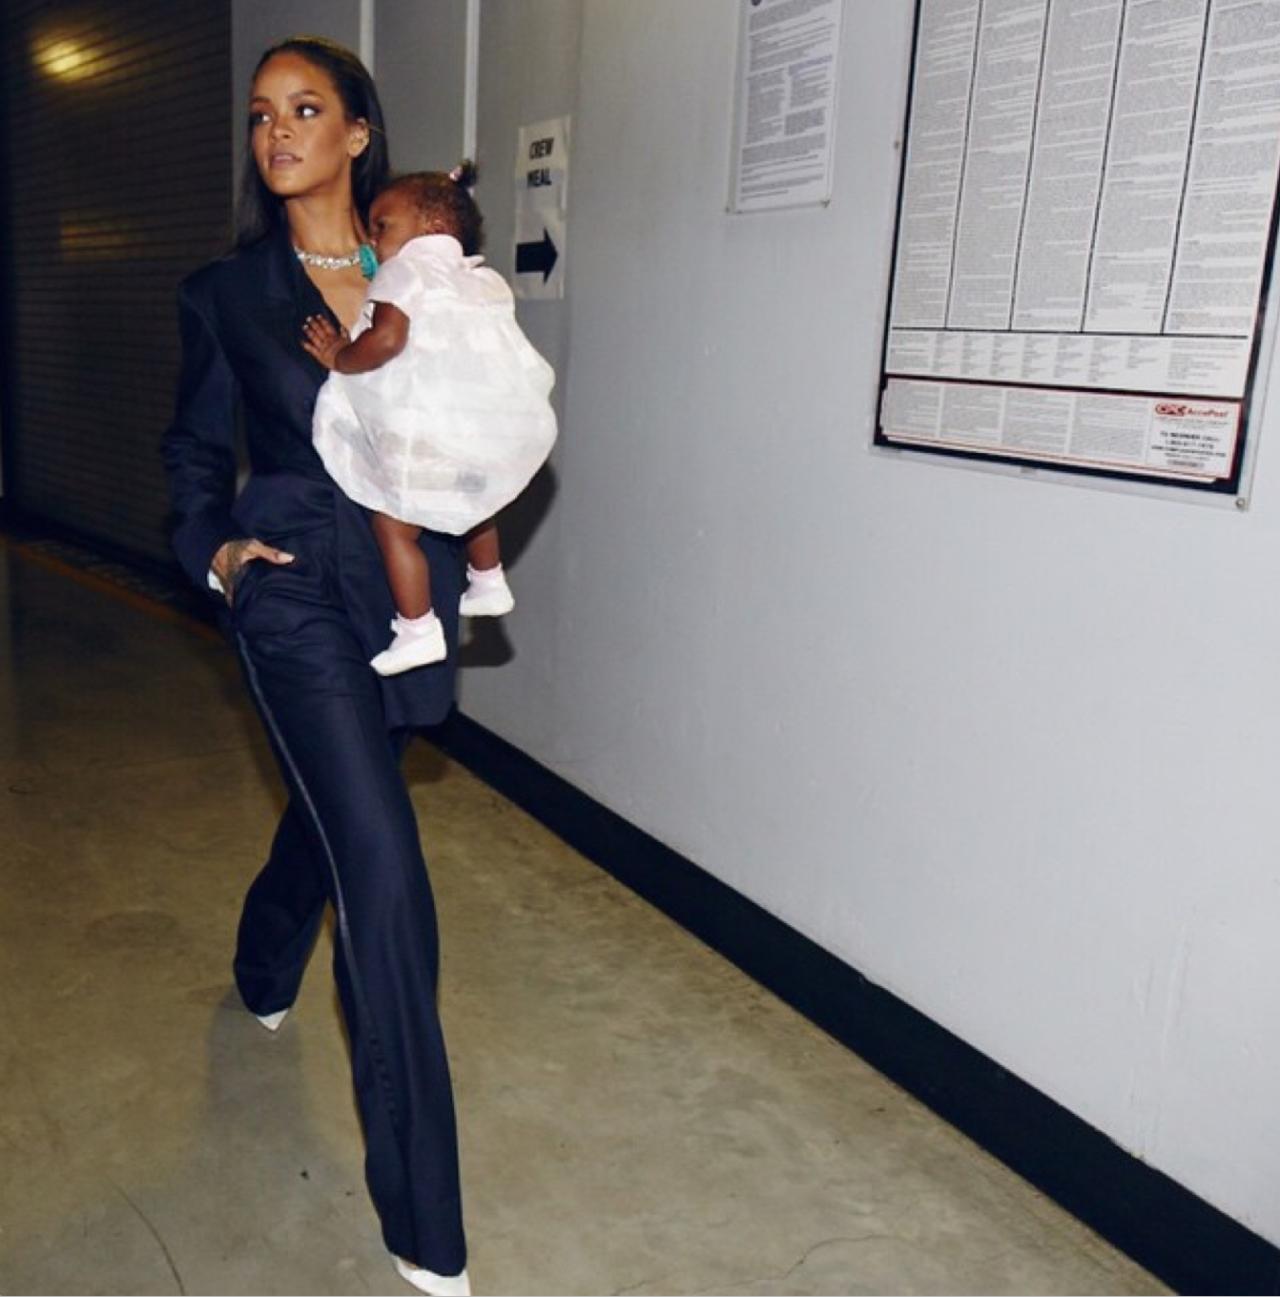 Danielle foxx babysitter